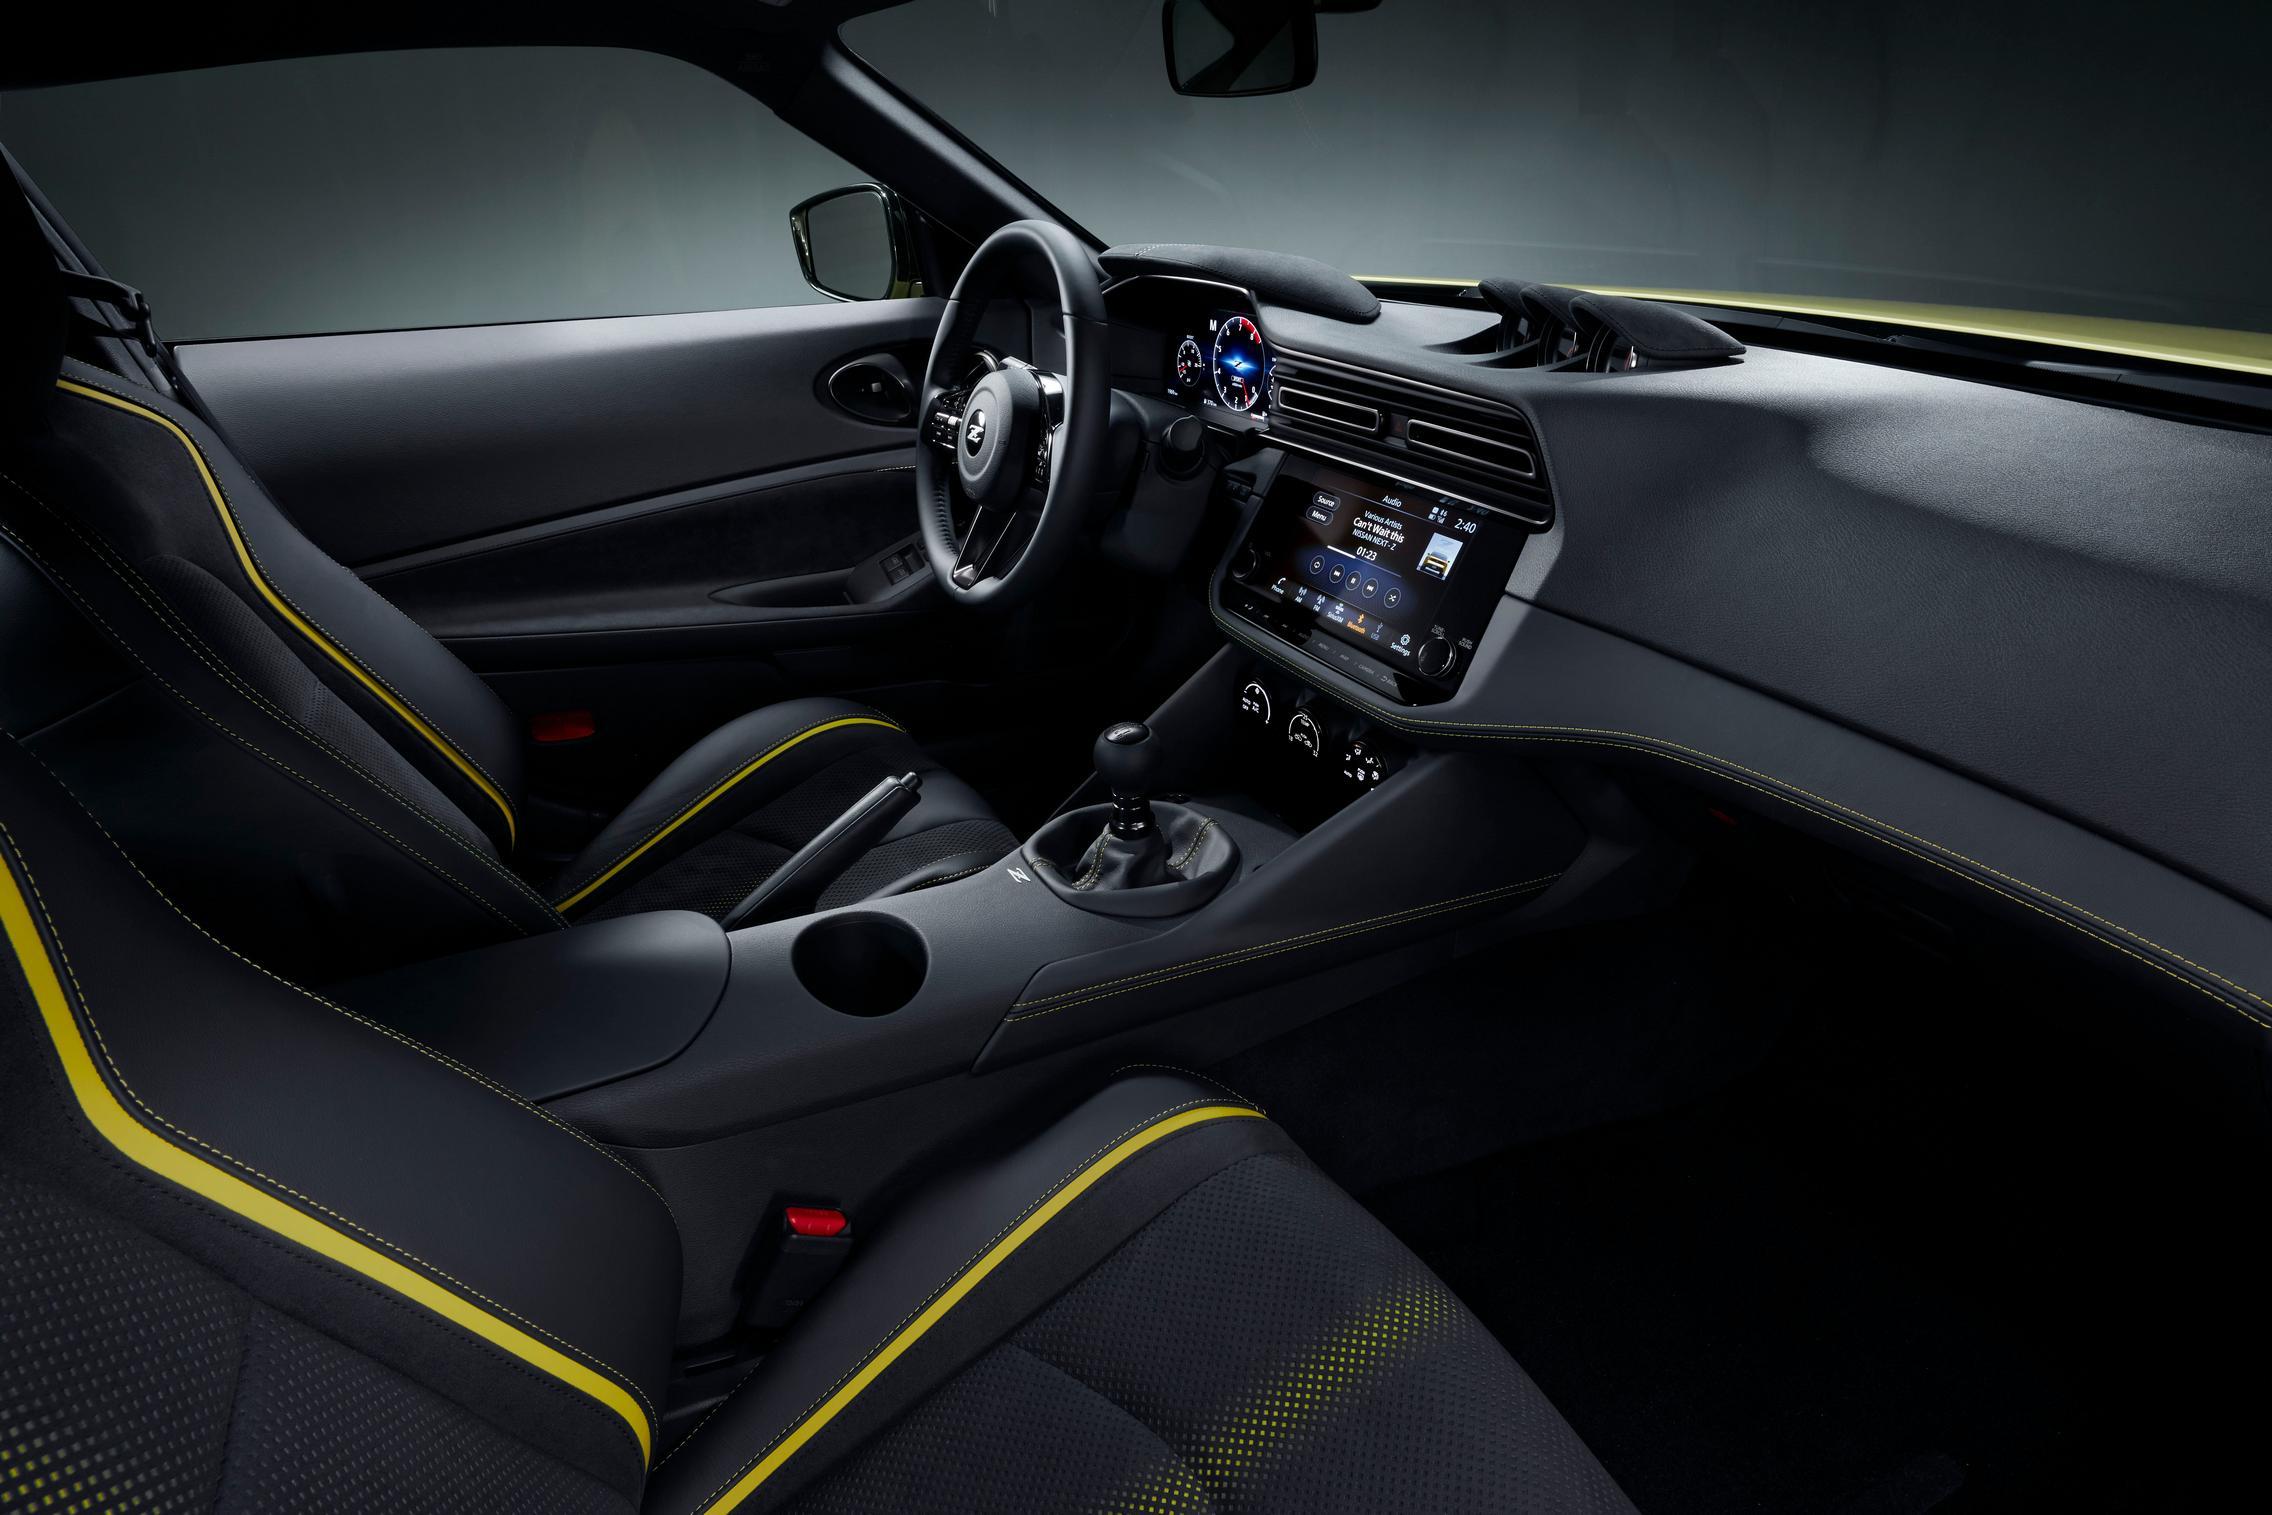 Салон Nissan Z Proto получает 12,3-дюймовый цифровой дисплей, три аналоговых шкалы, установленные на приборной панели, и глубокое рулевое колесо.